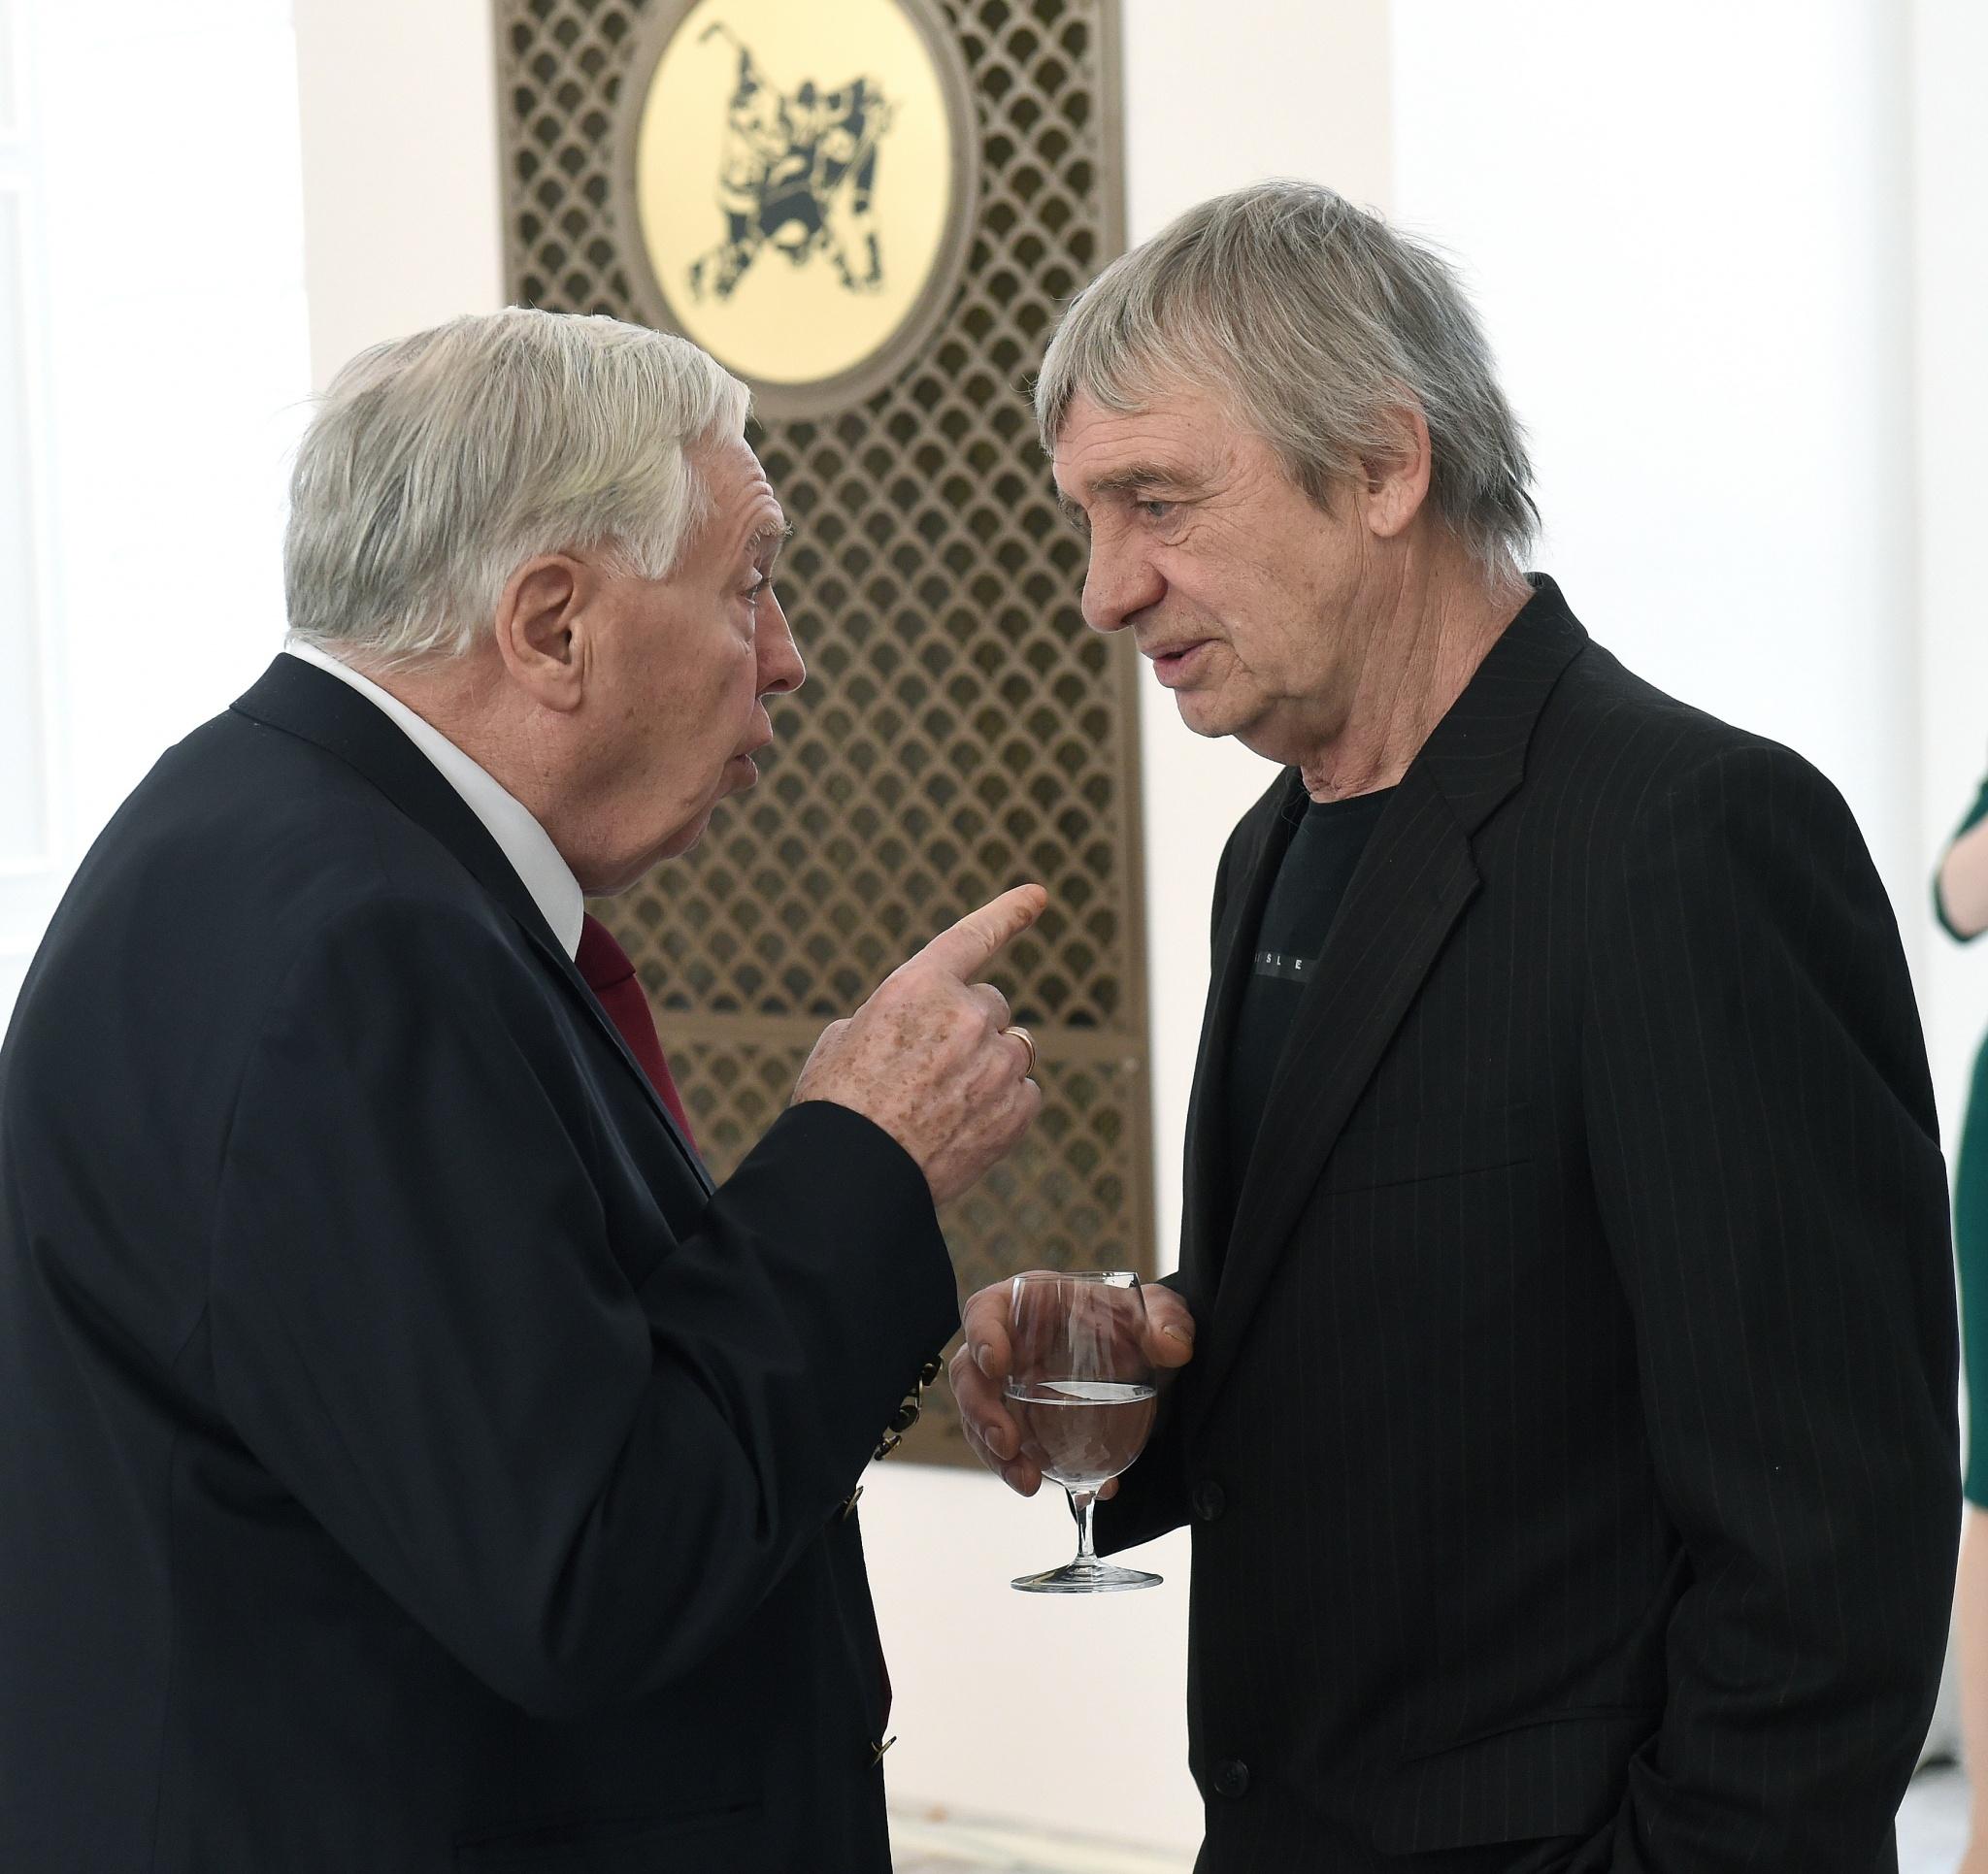 Виктор Полупанов и Александр Бодунов. Фото: Владимир Беззубов